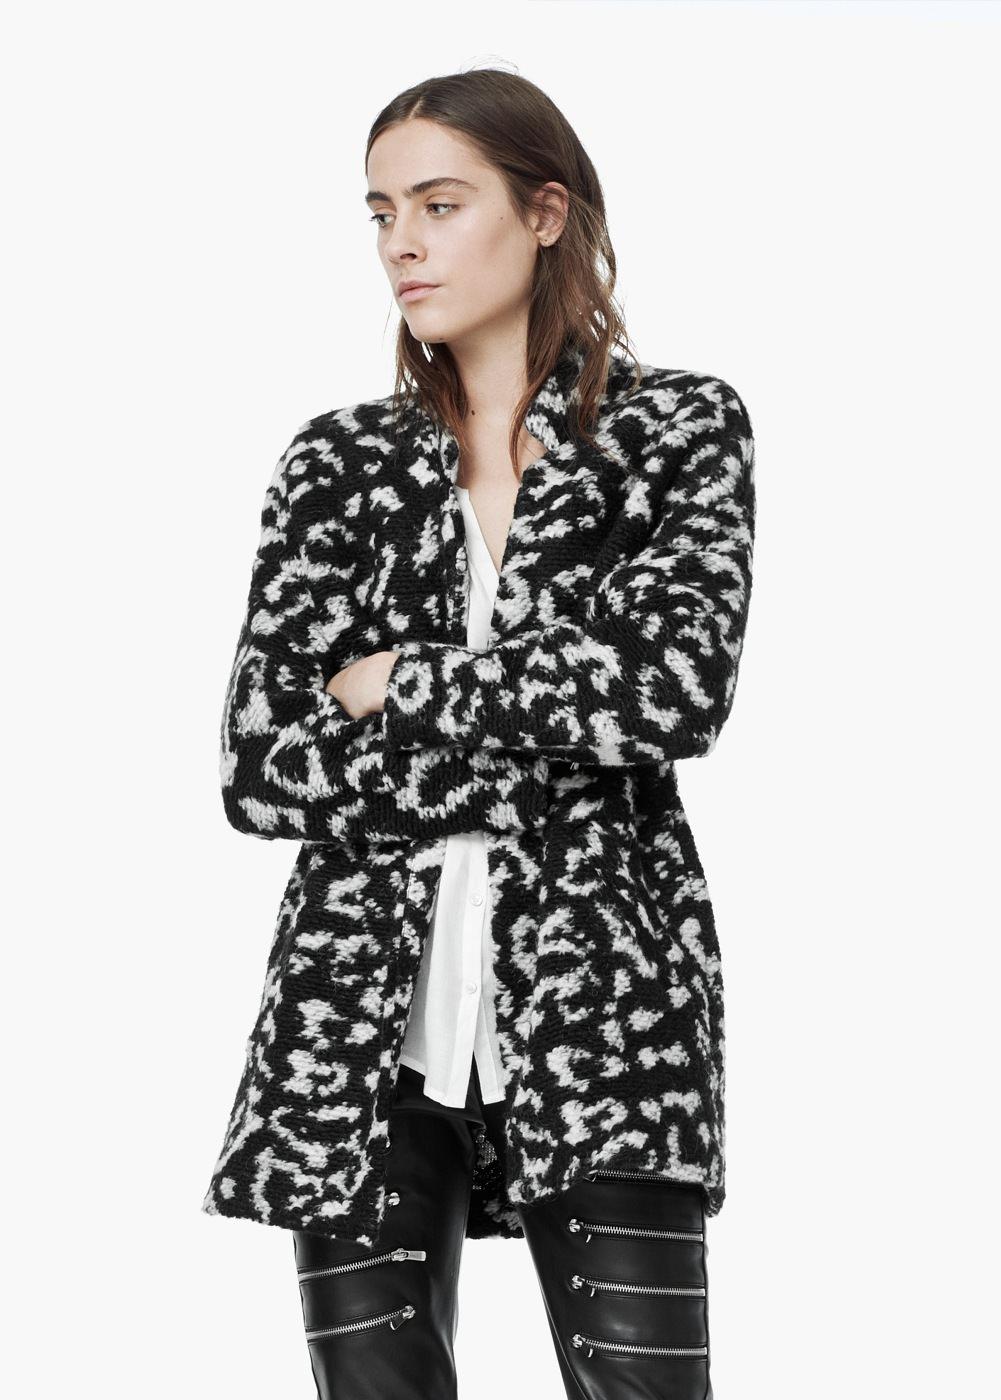 cappotto bicolore_mango